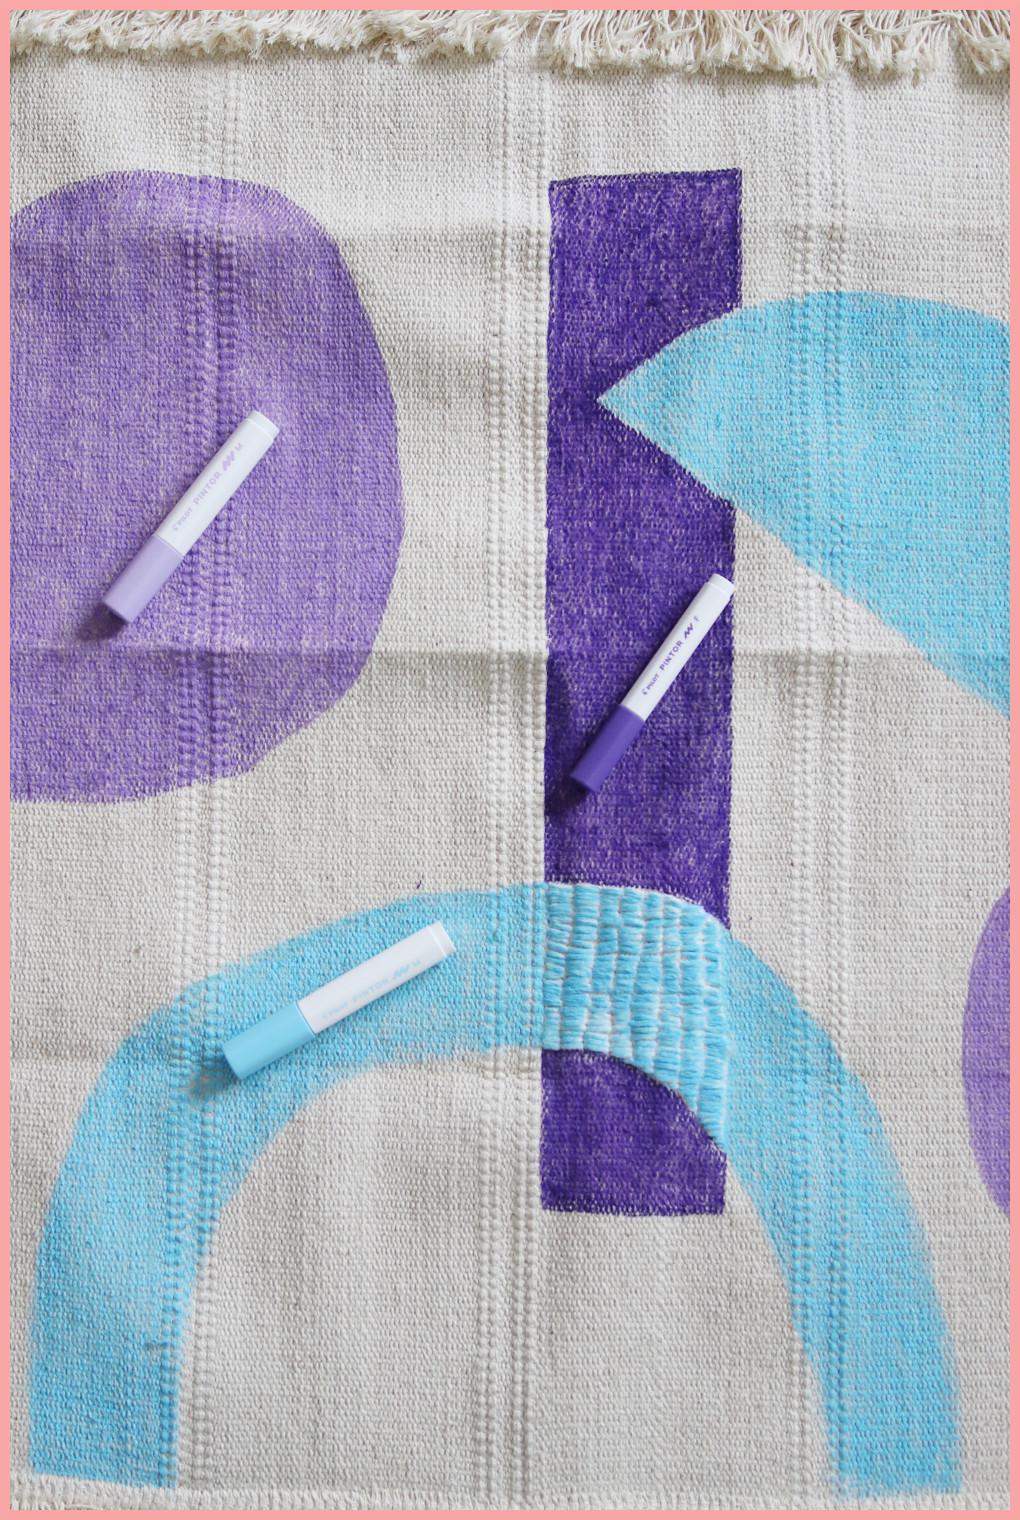 Wandteppich selbst gestalten mit geometrischen Mustern - Farbauswahl